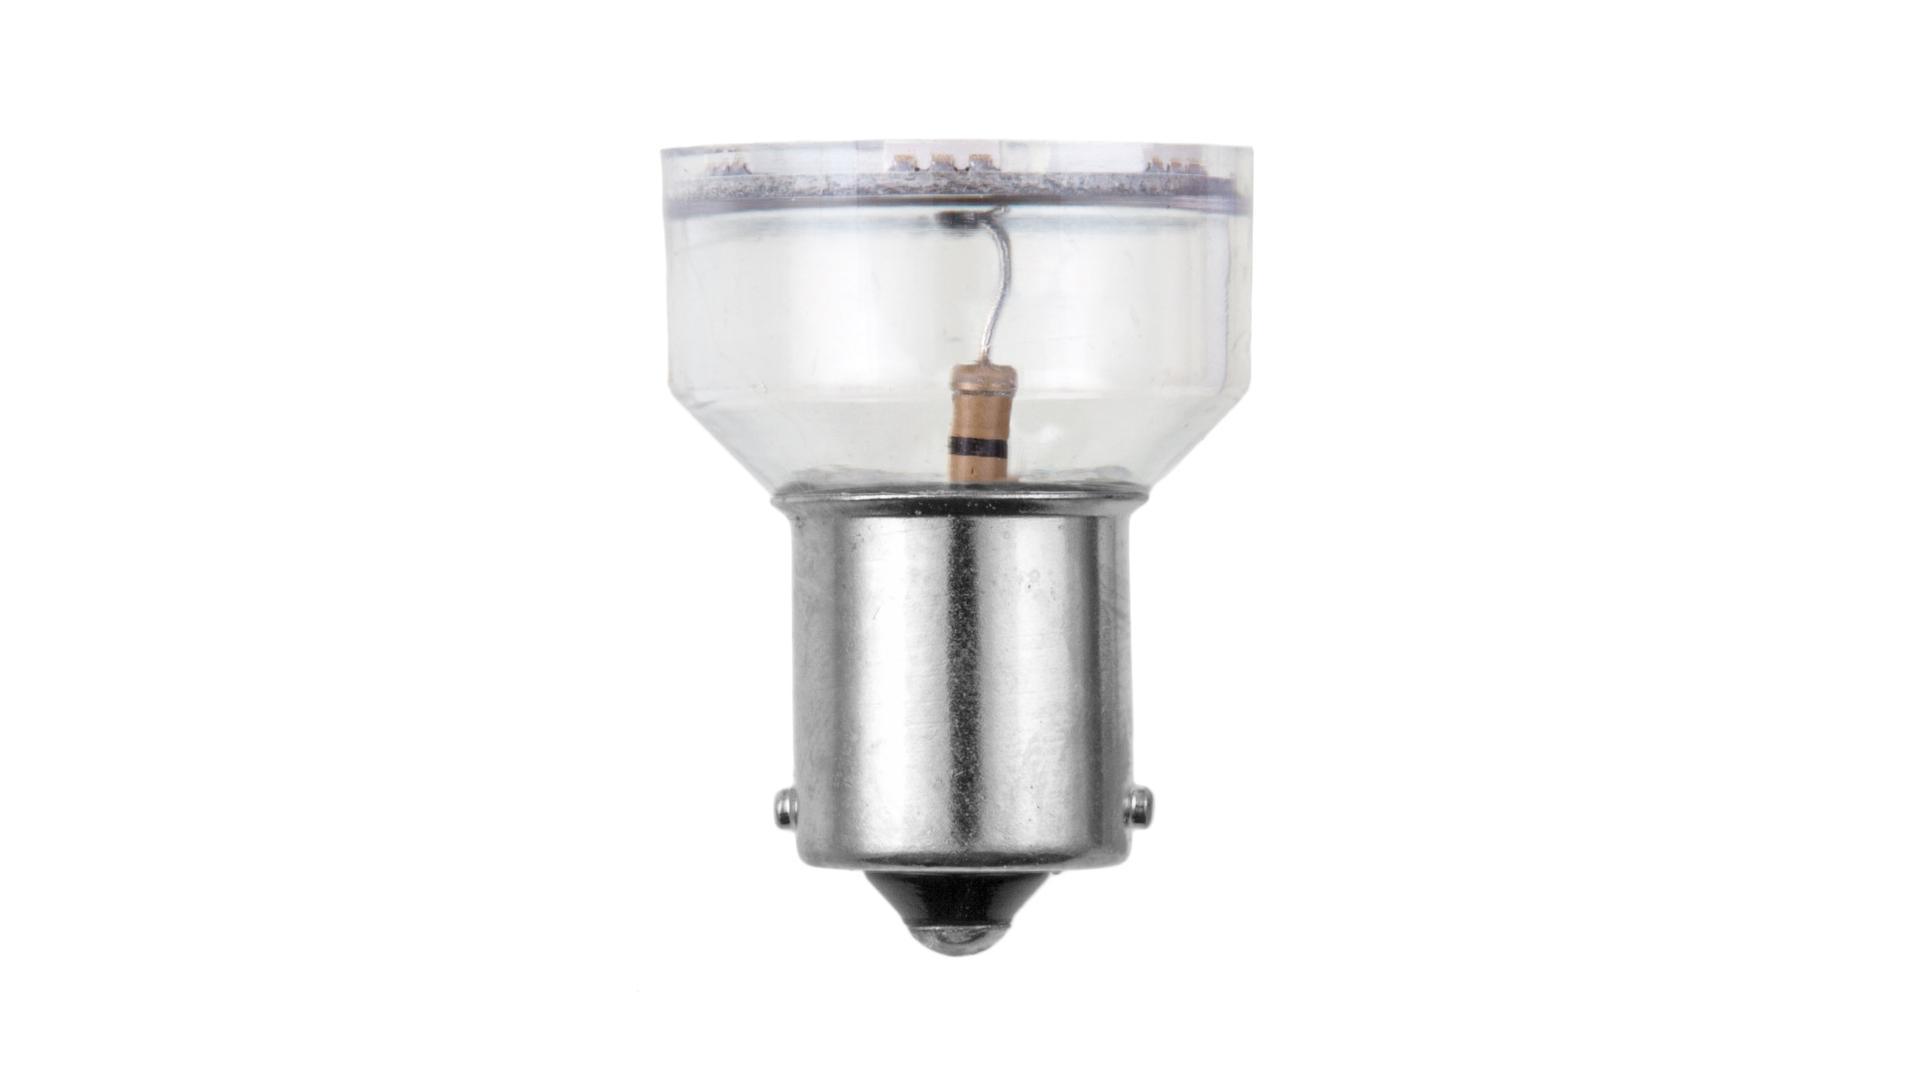 4CARS LED žárovka 6LED 12V S25-5050SMD BA15S červená